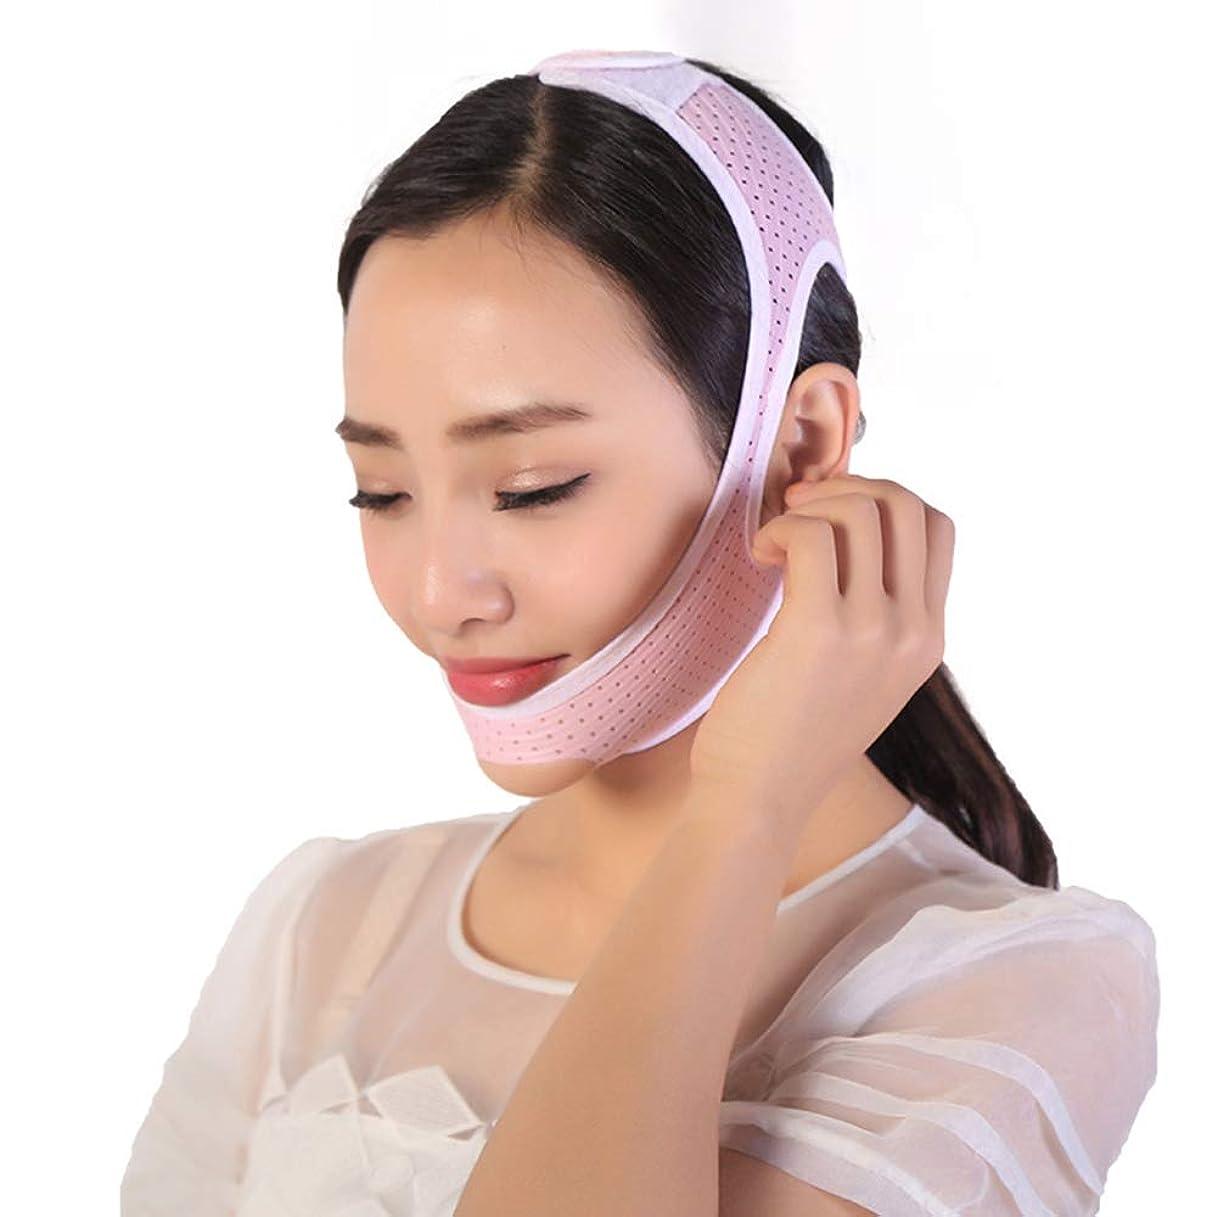 ゲームリットル奨学金GYZ フェイシャルリフティングスリミングベルト - 薄型フェイス包帯ダブルチンデバイスフェイシャルマッサージアンチエイジングリンクルフェイスマスクベルト Thin Face Belt (Size : L)